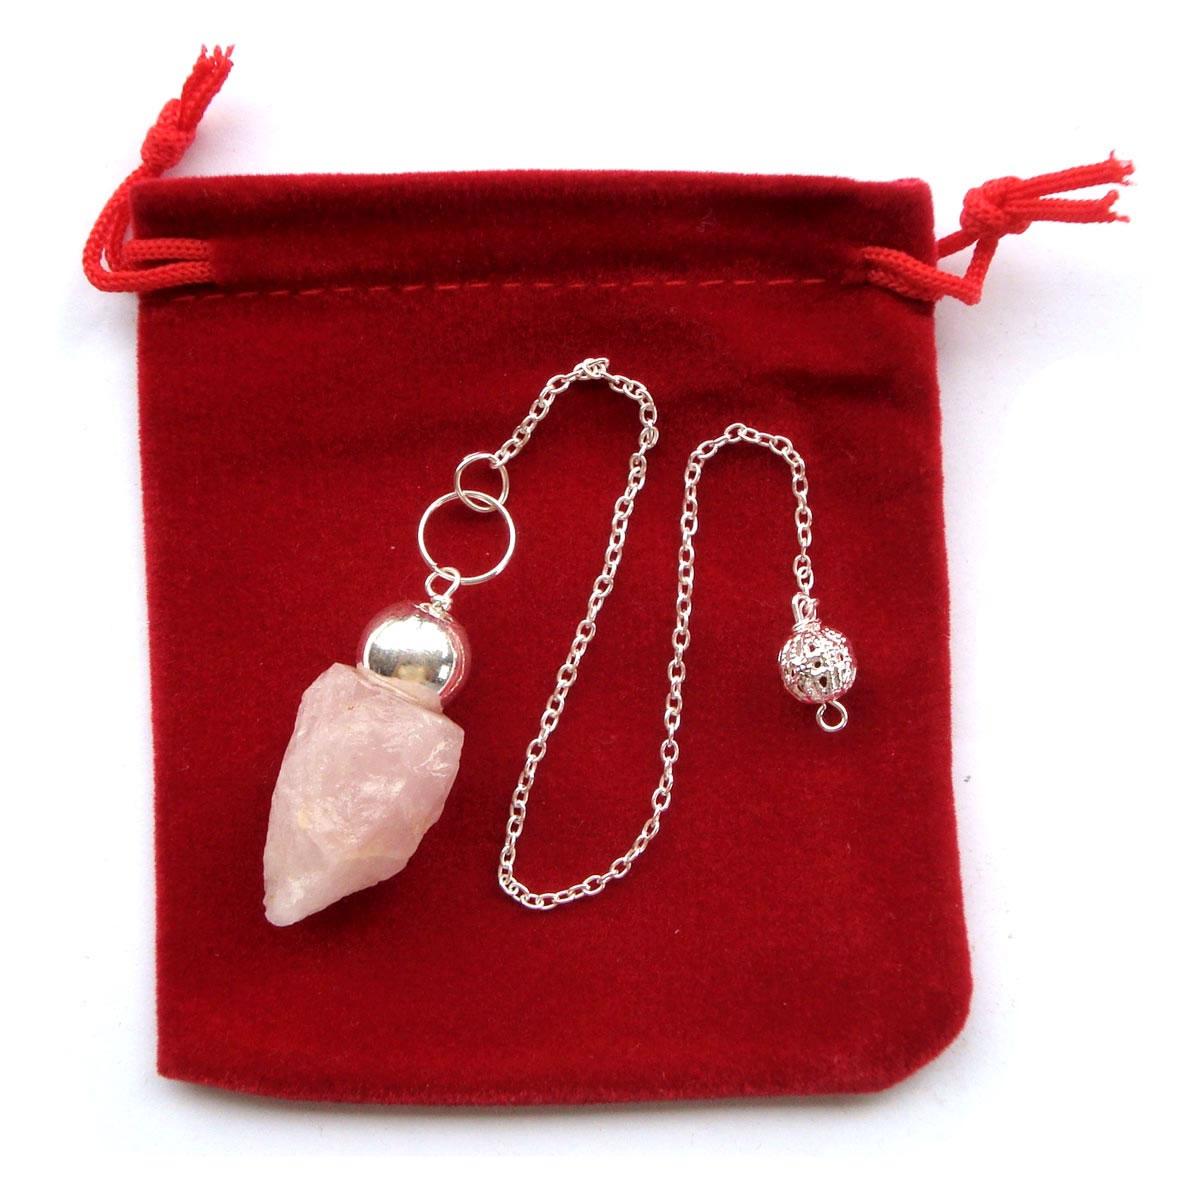 Crystal Pendulum - NATURAL ROSE QUARTZ